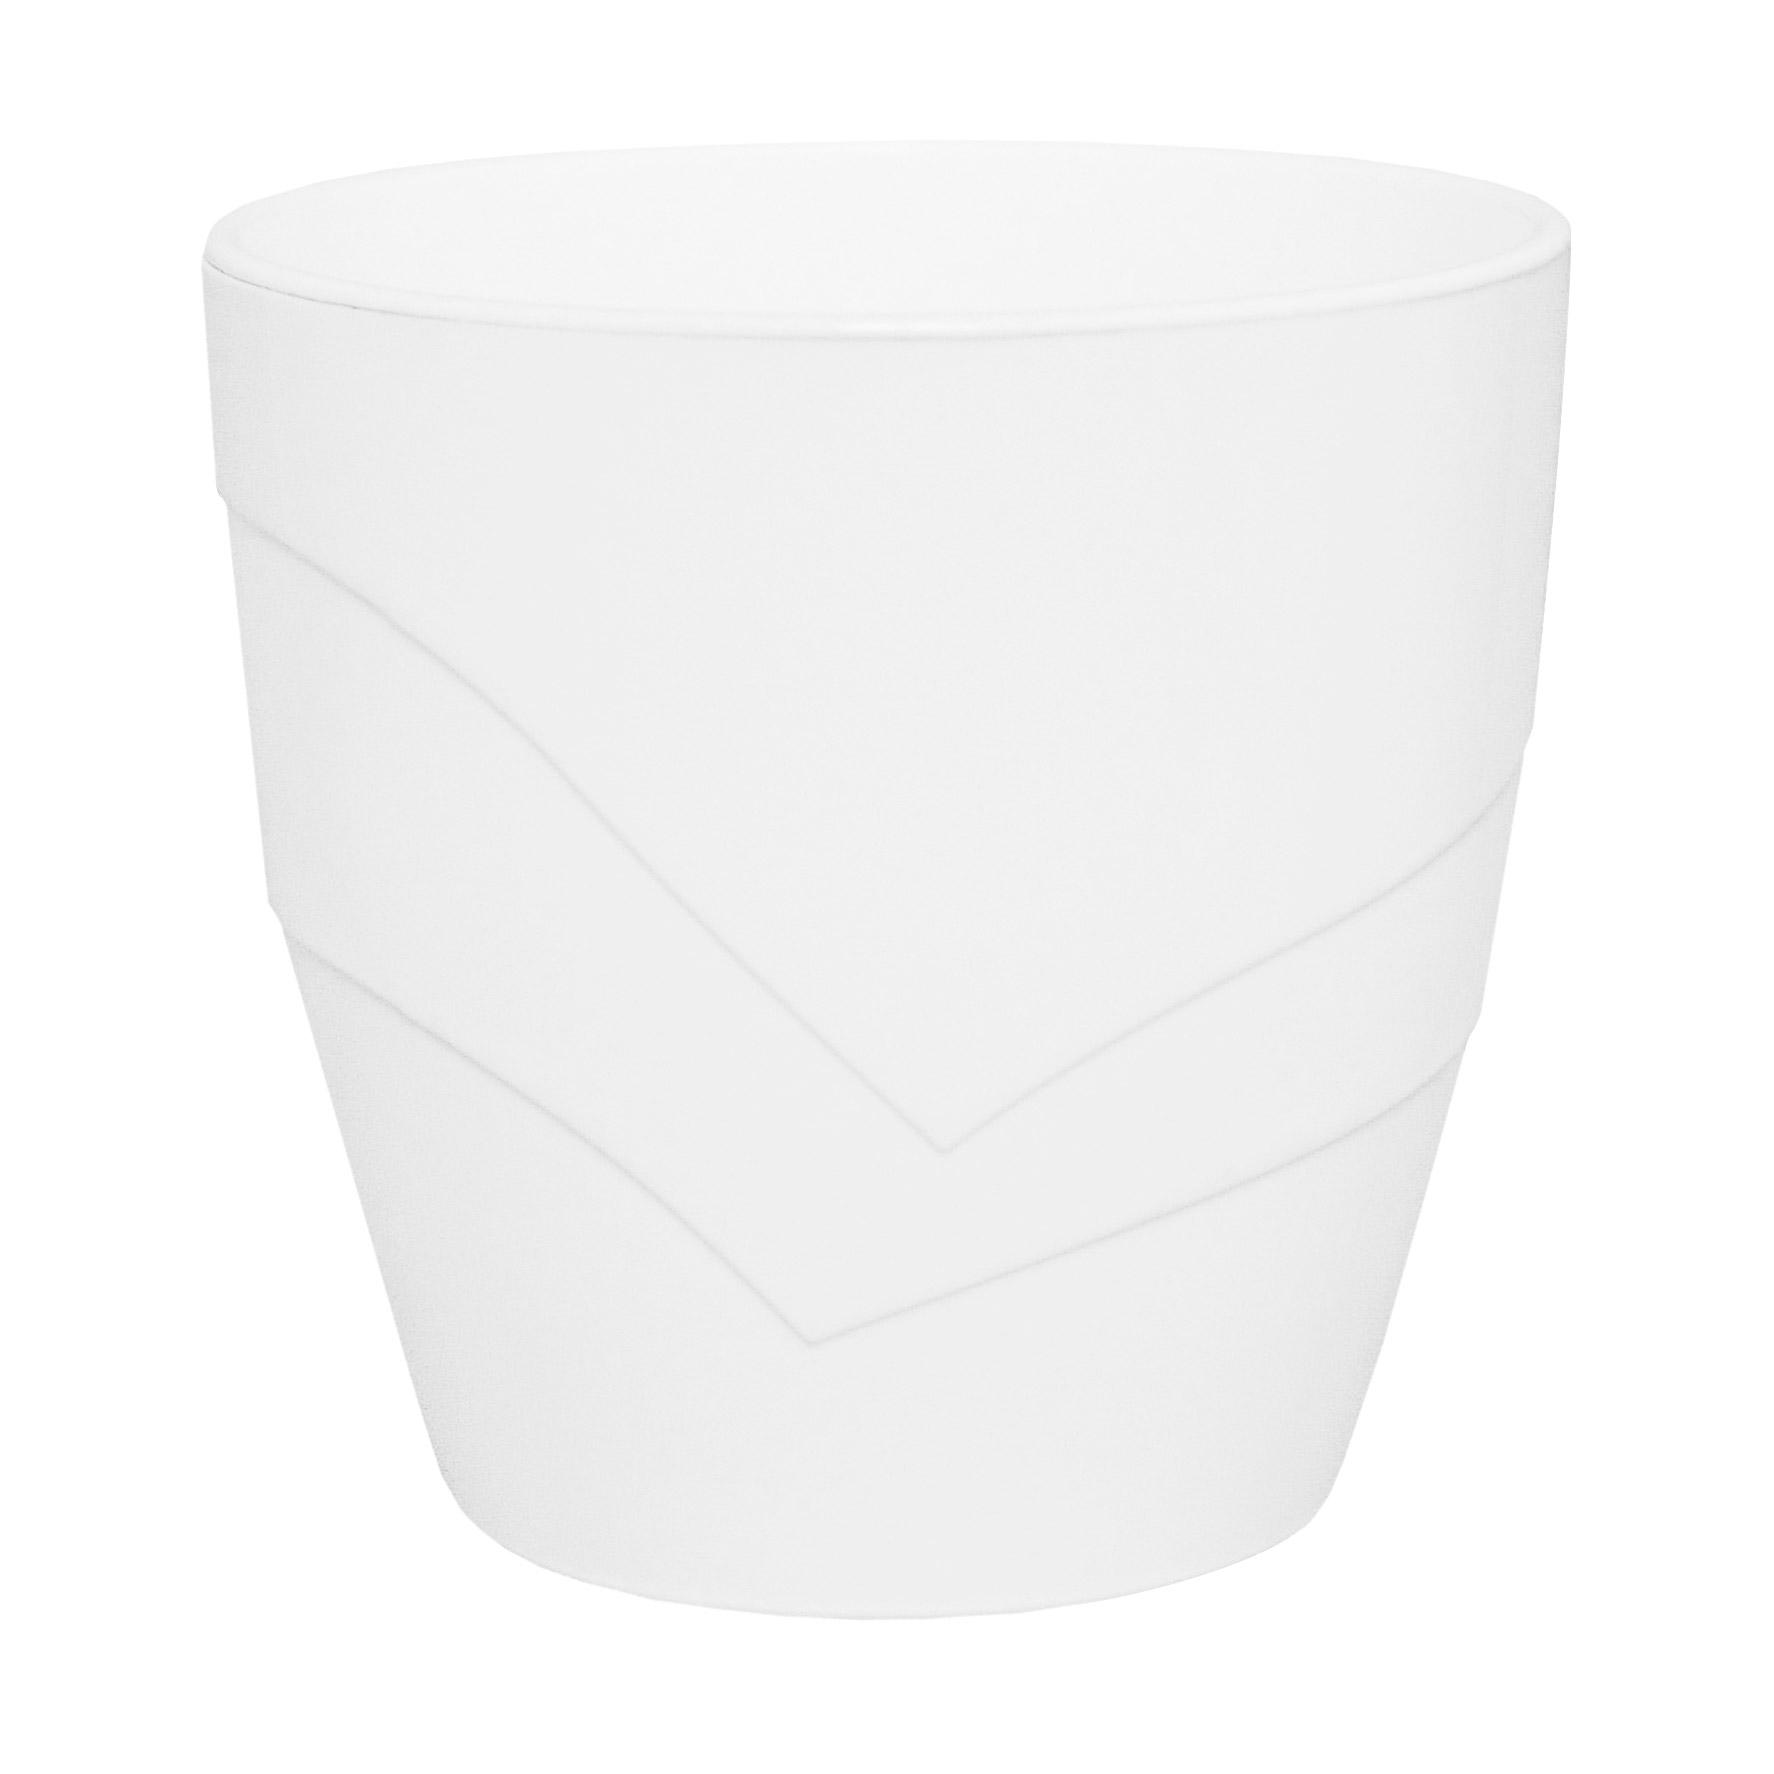 Кашпо Пластавеню грация 1.2л со вставкой белый d-13 см h-13 см фото